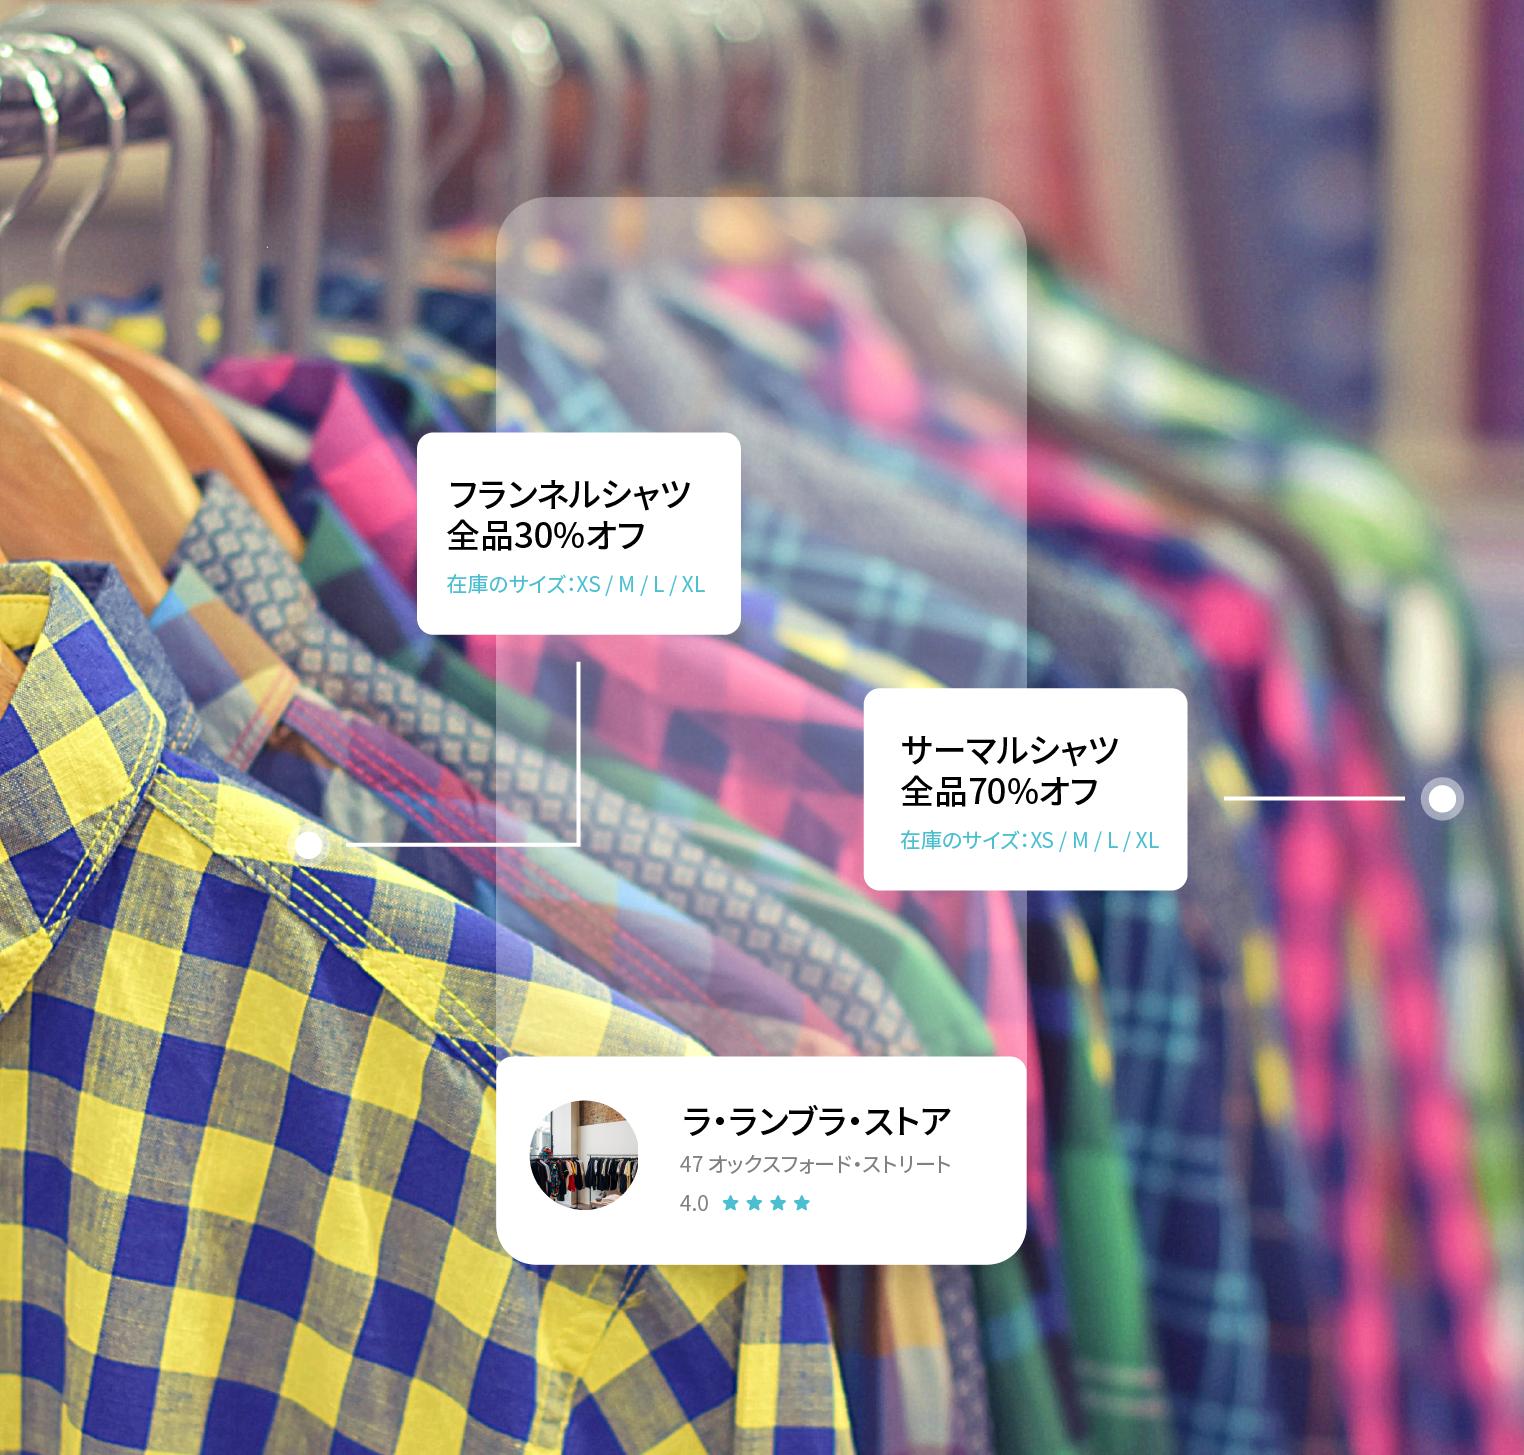 店舗でシャツのセール情報を示すVeraの完成イメージ - フランネルシャツ全品30%オフ